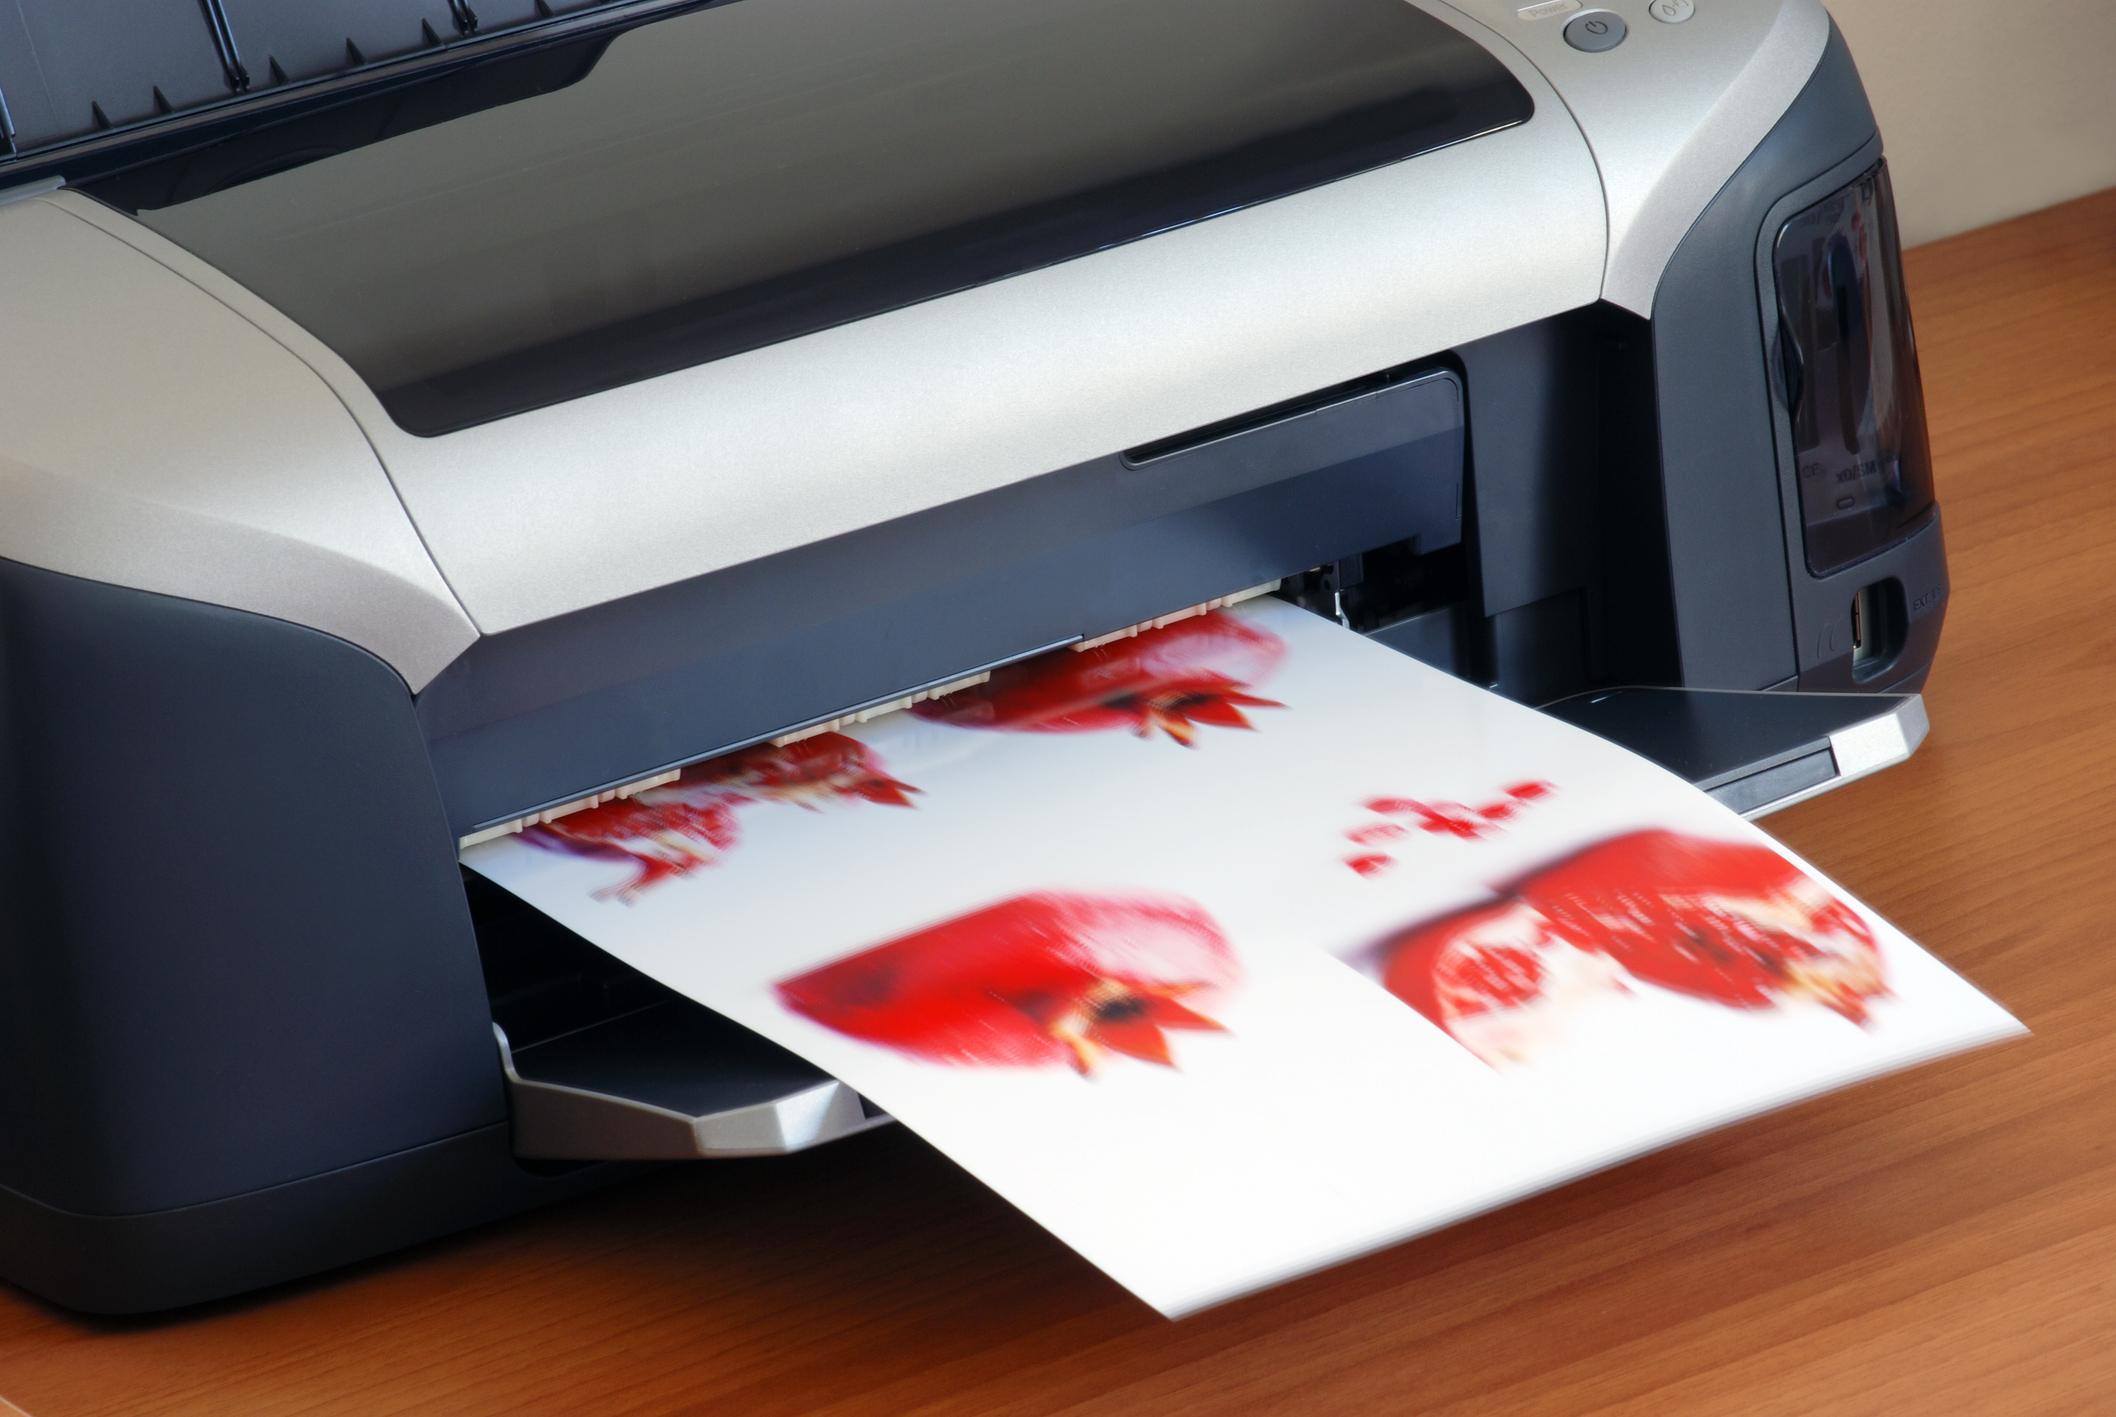 Laserdrucker Tintenstrahldrucker Vergleich